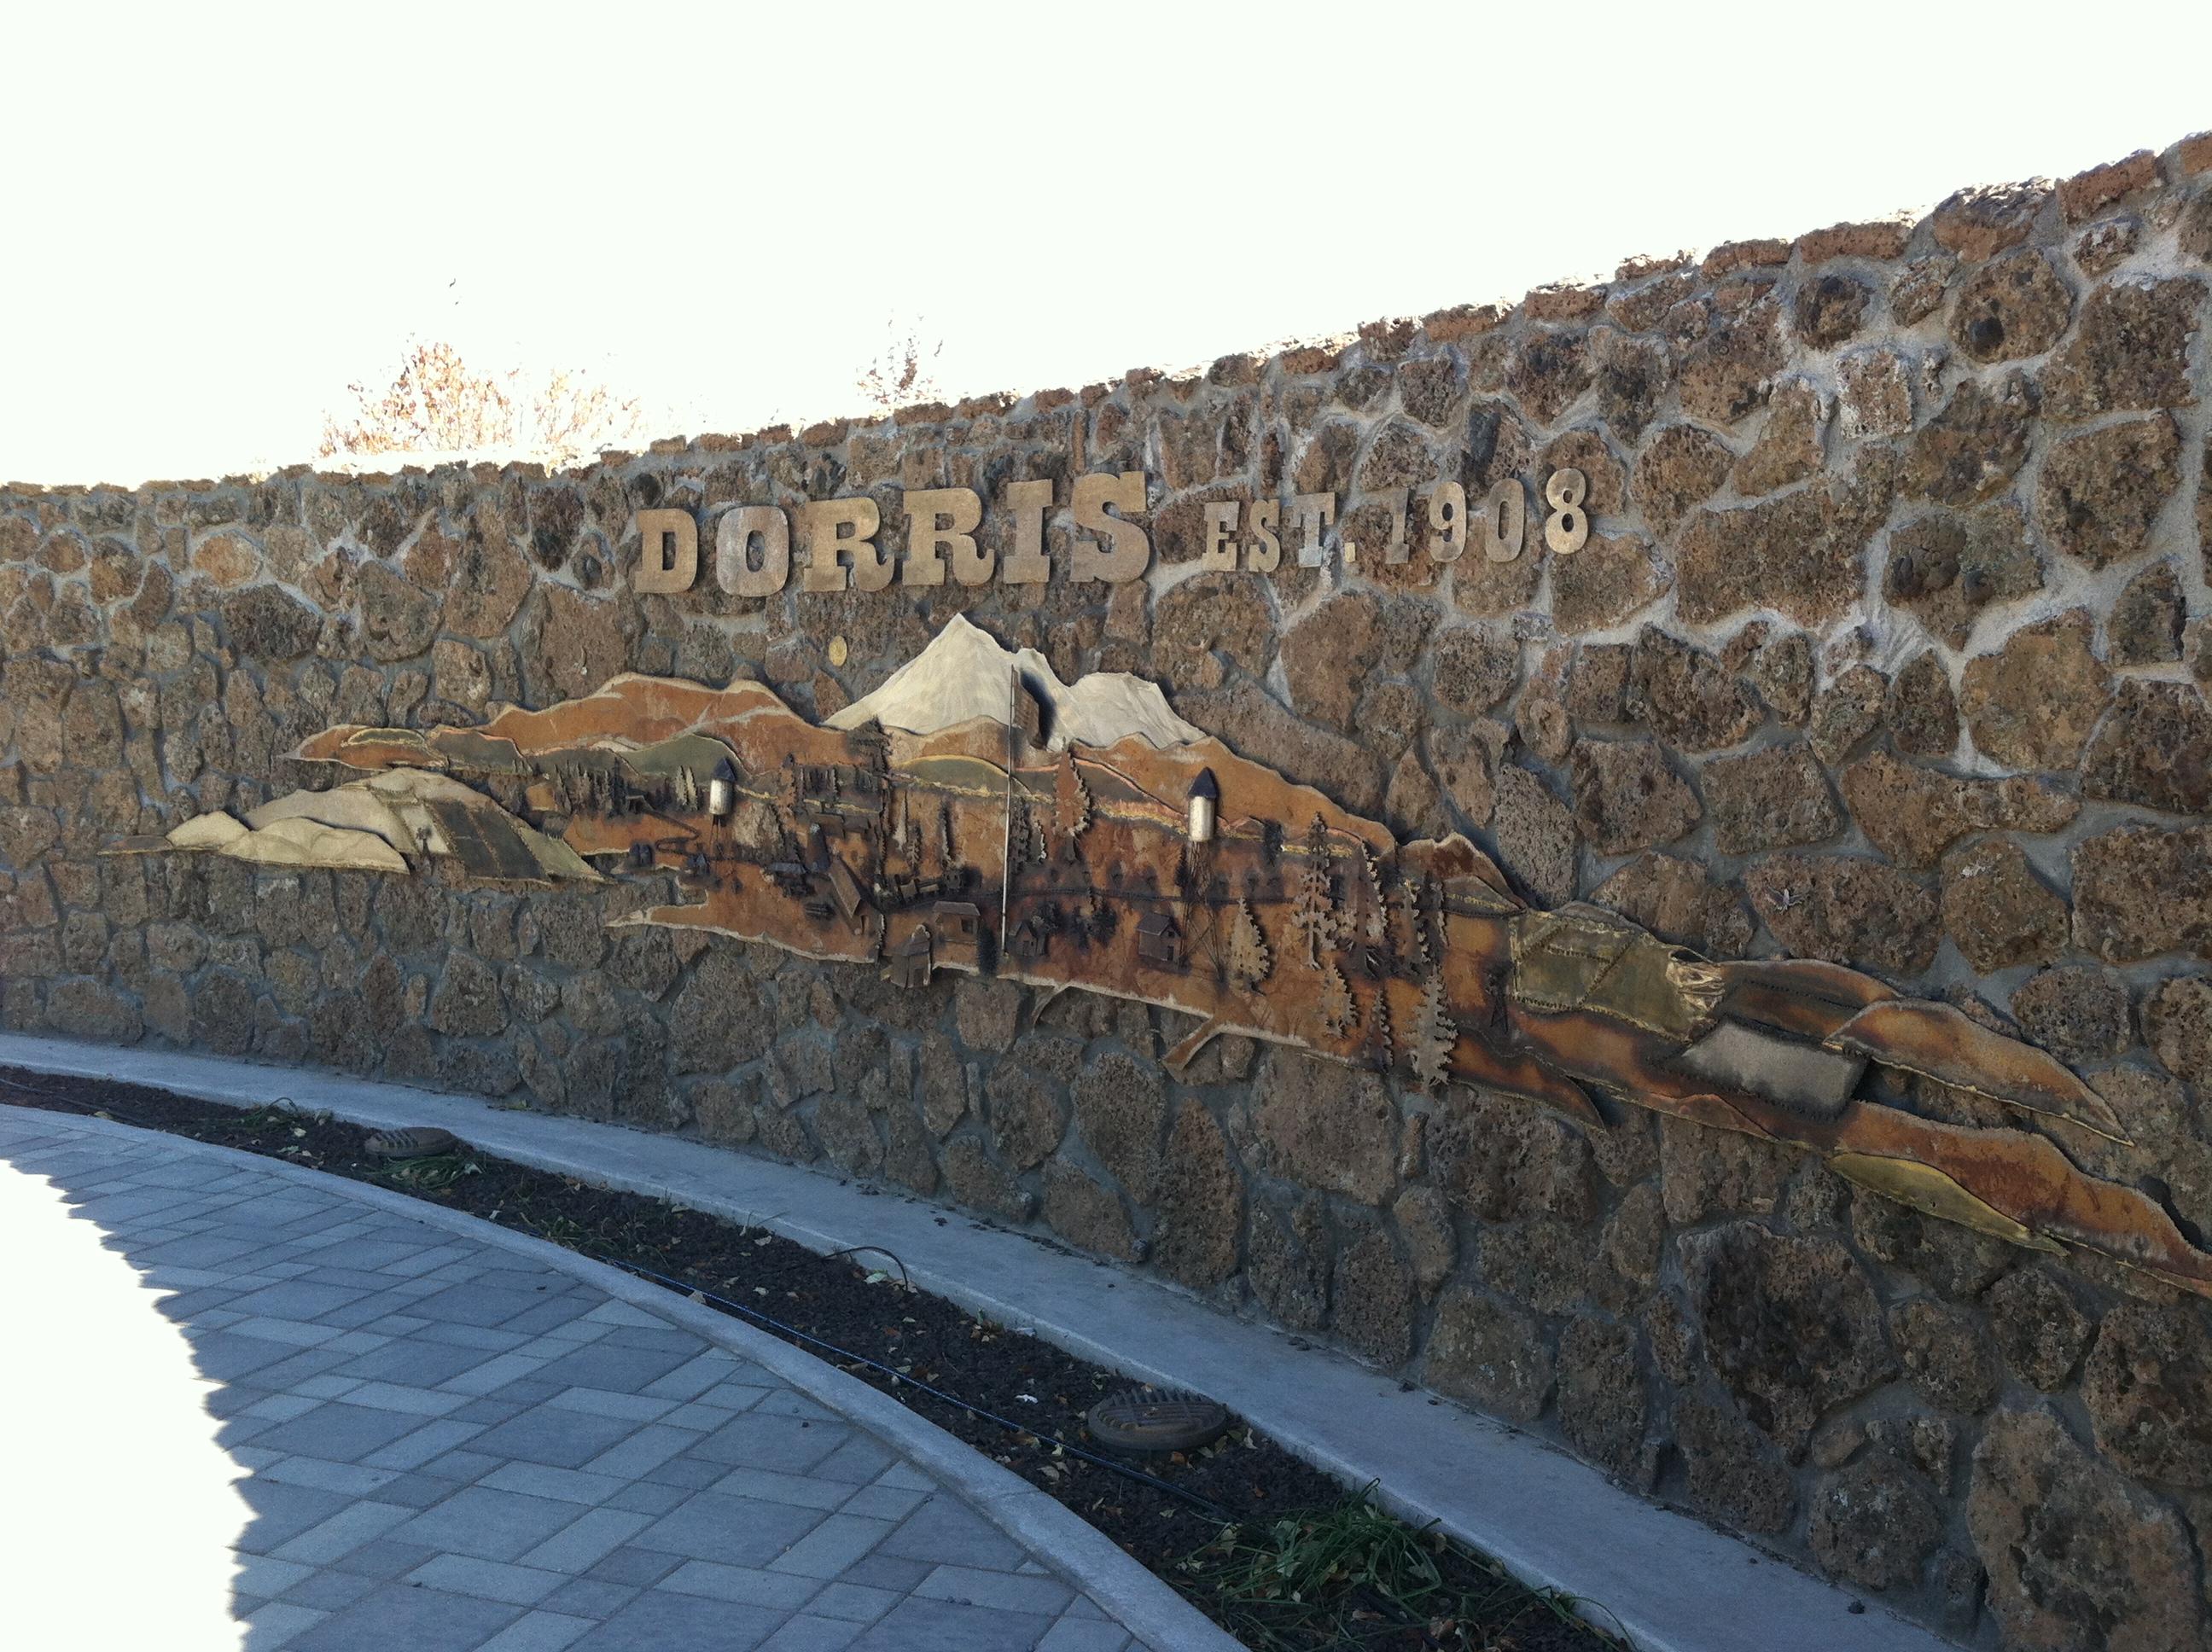 Dorris,_CA_mural